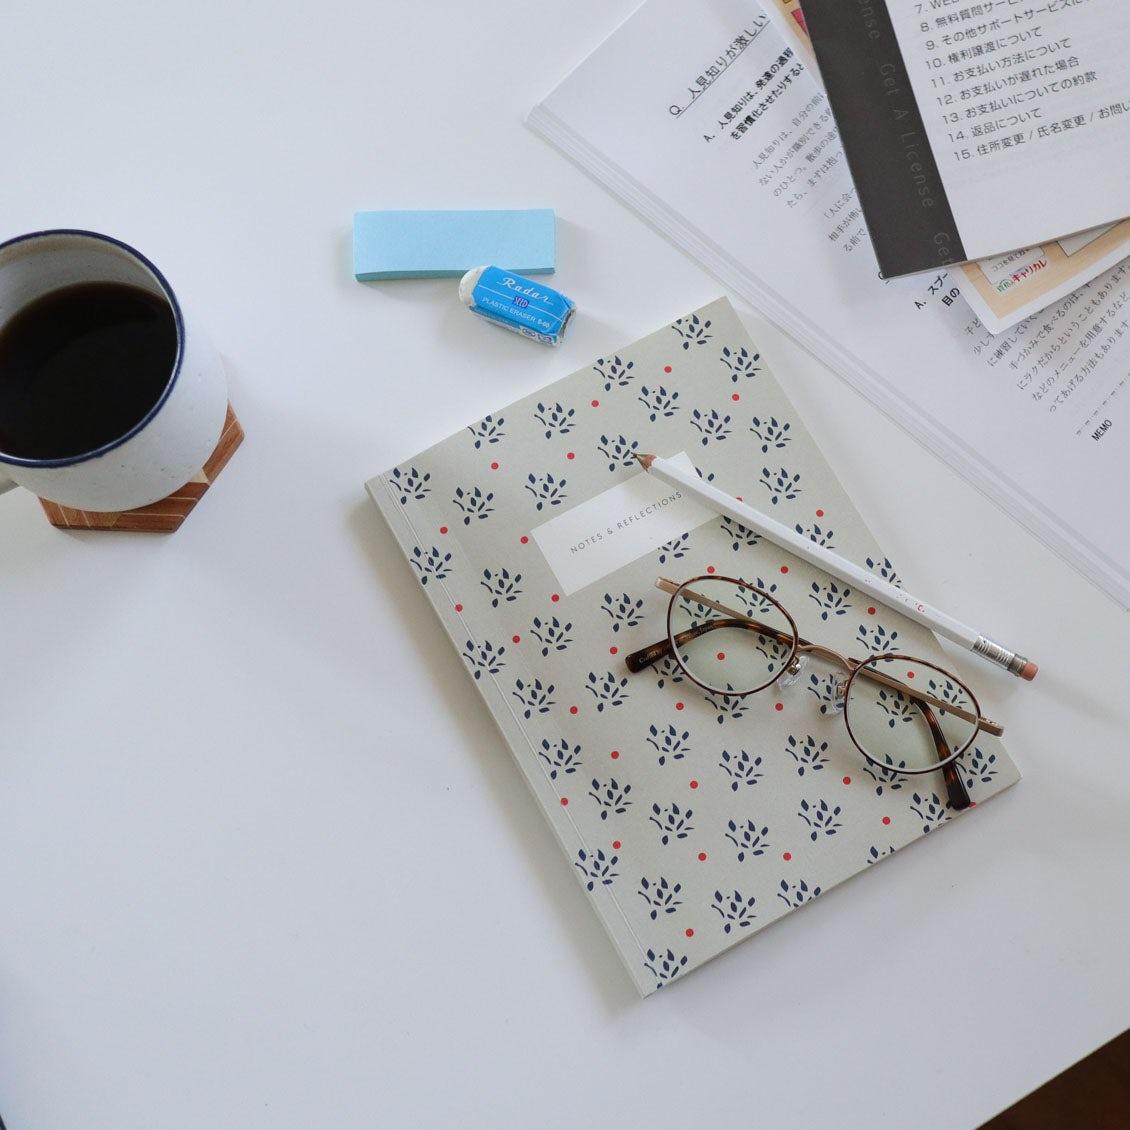 【スタッフの愛用品】小さいころ文房具好きだった私へ。いま、持ちたい北欧デザインのシックなノート